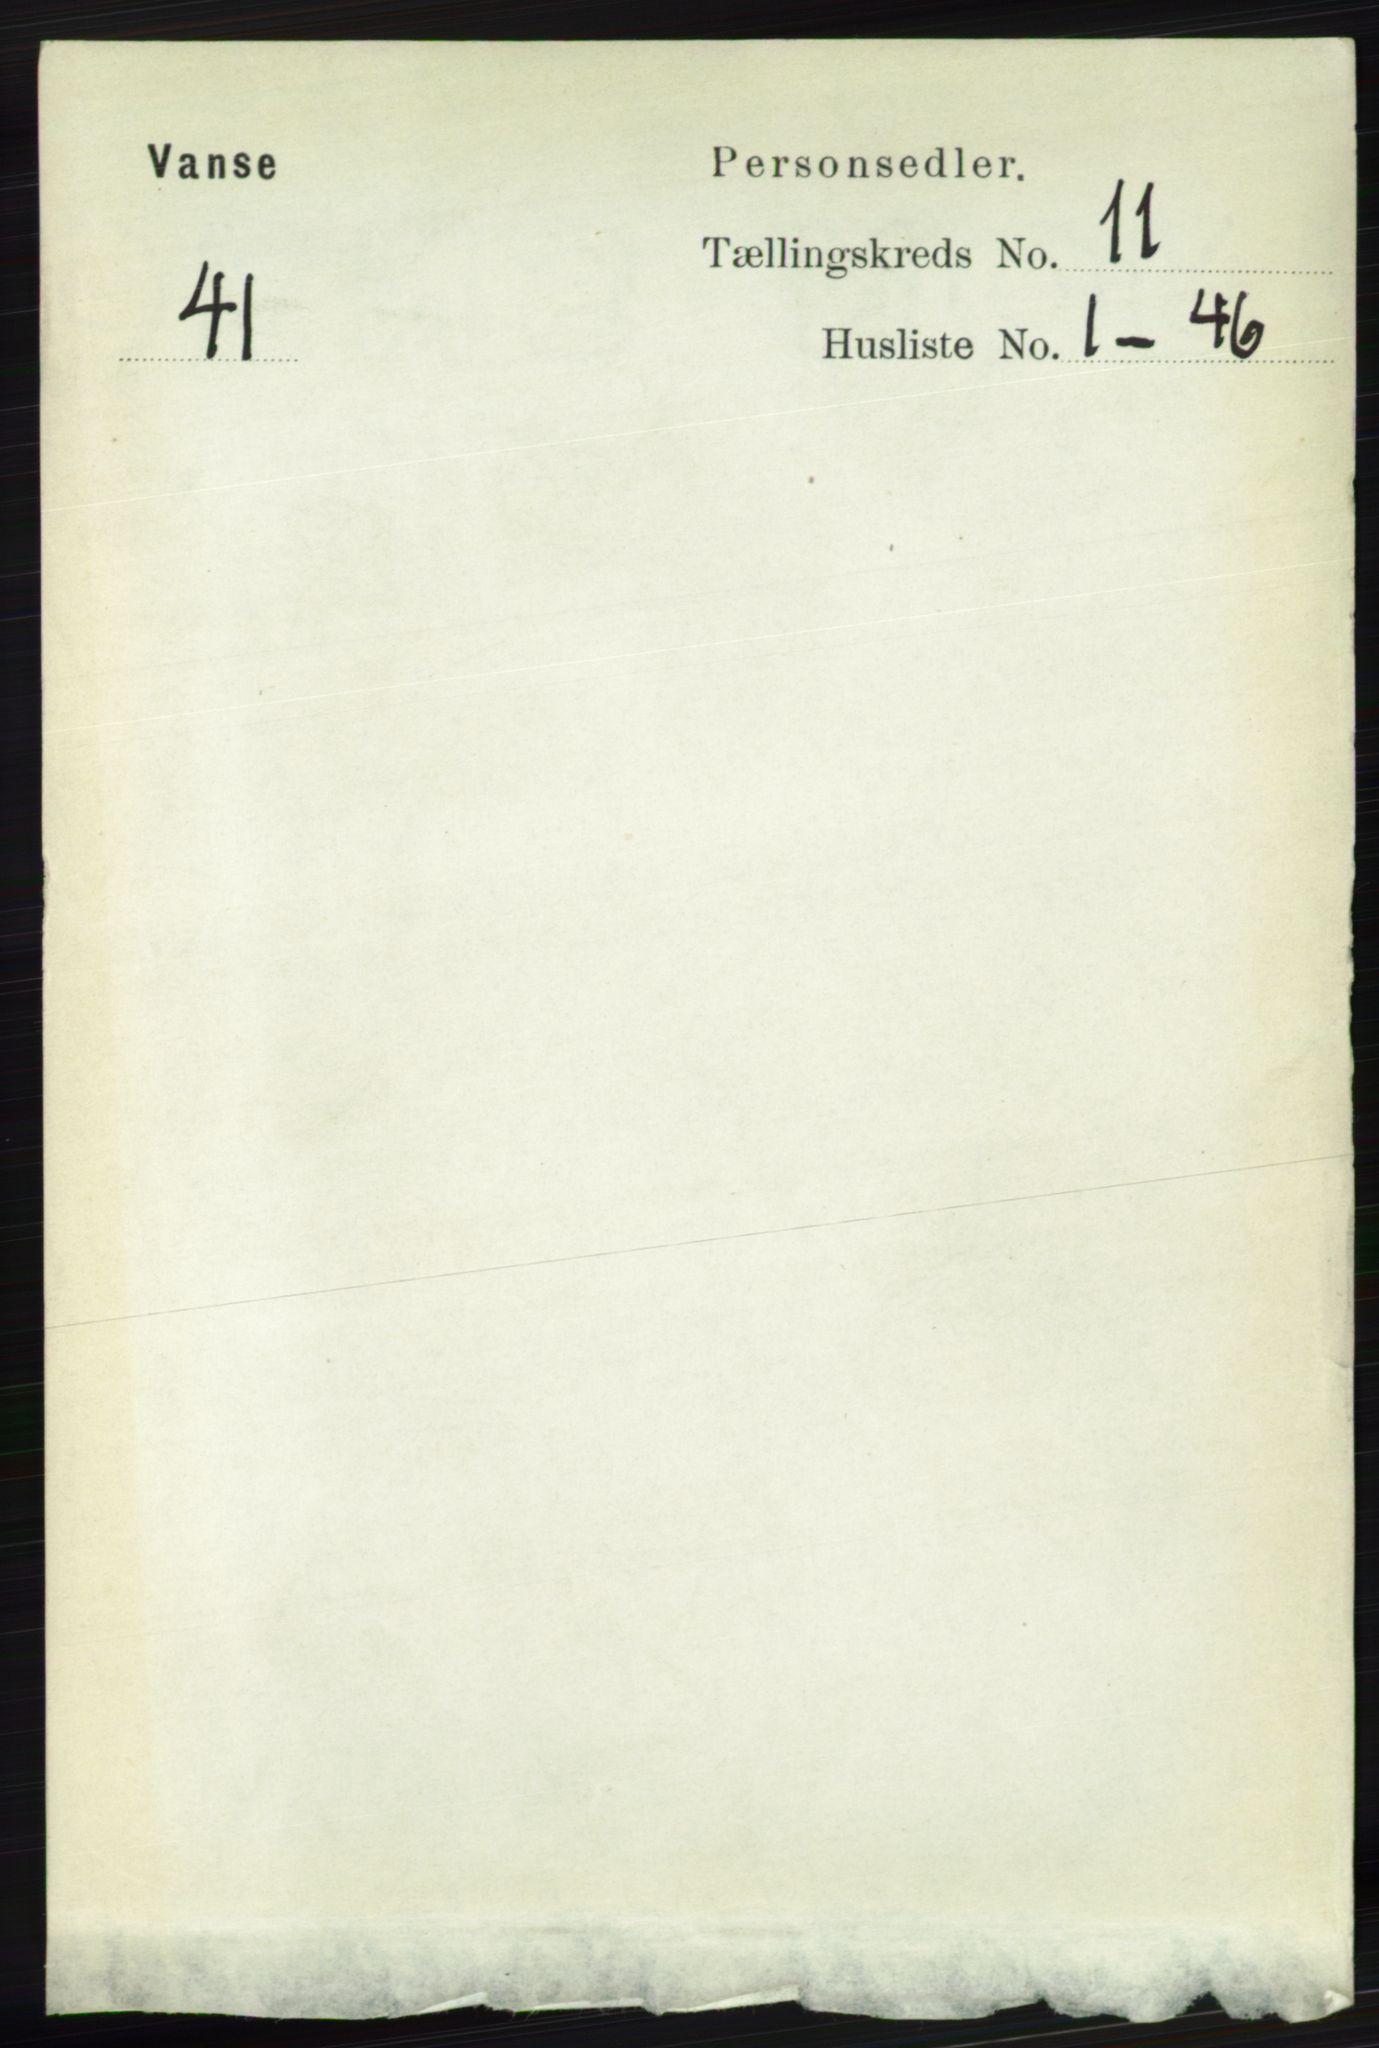 RA, Folketelling 1891 for 1041 Vanse herred, 1891, s. 6190